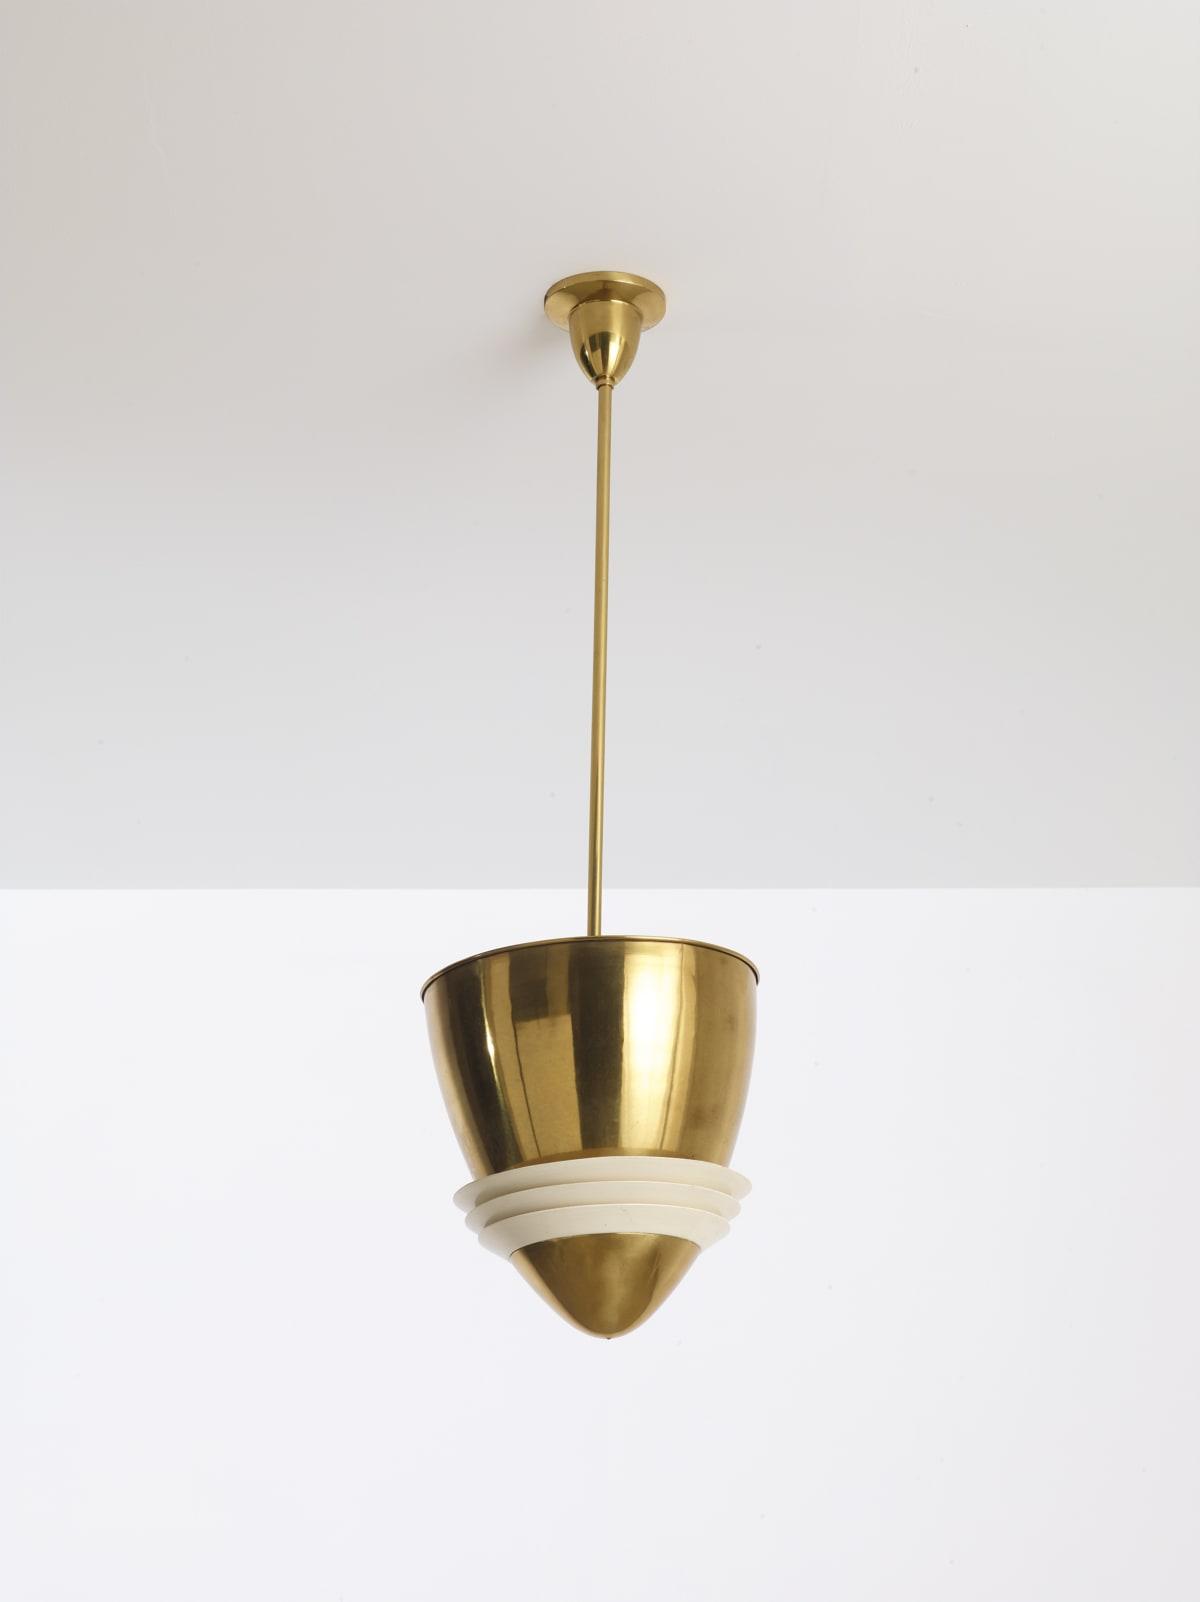 Italian Ceiling lamp c.1930s Brass, painted aluminium 102 x 31 cm